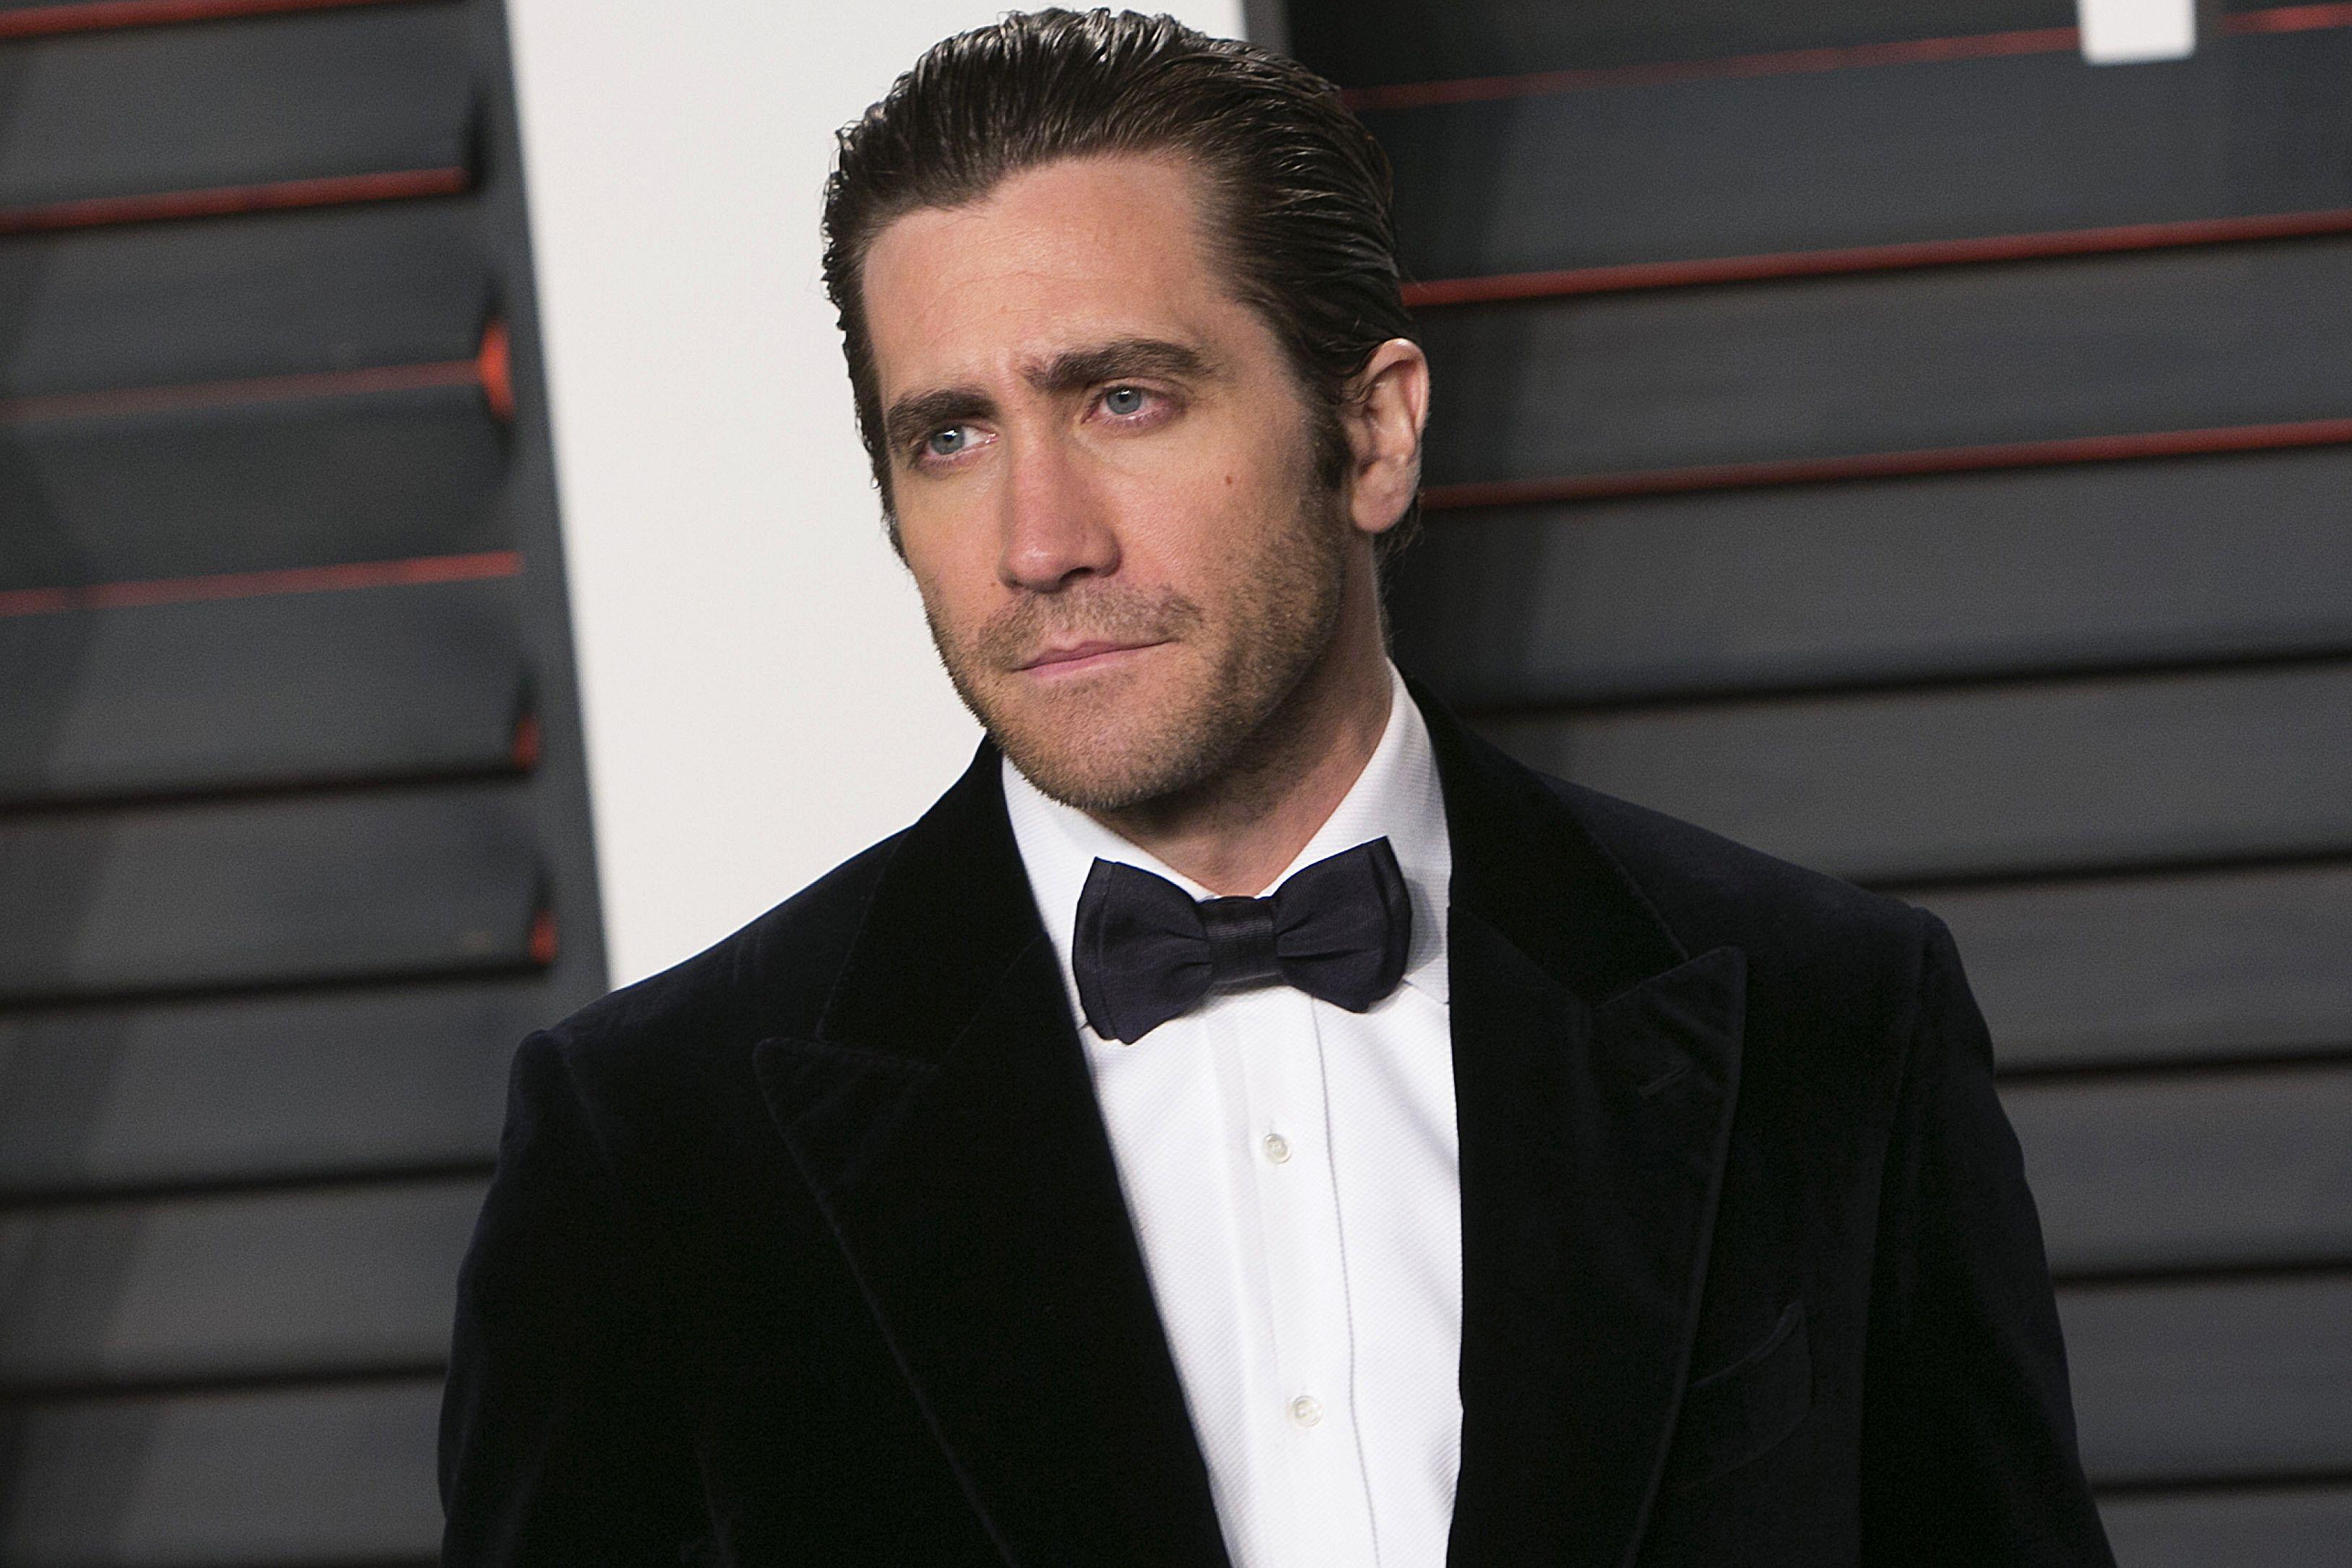 mentalt dating jake gyllenhaal shirt single bedsteforældre datering